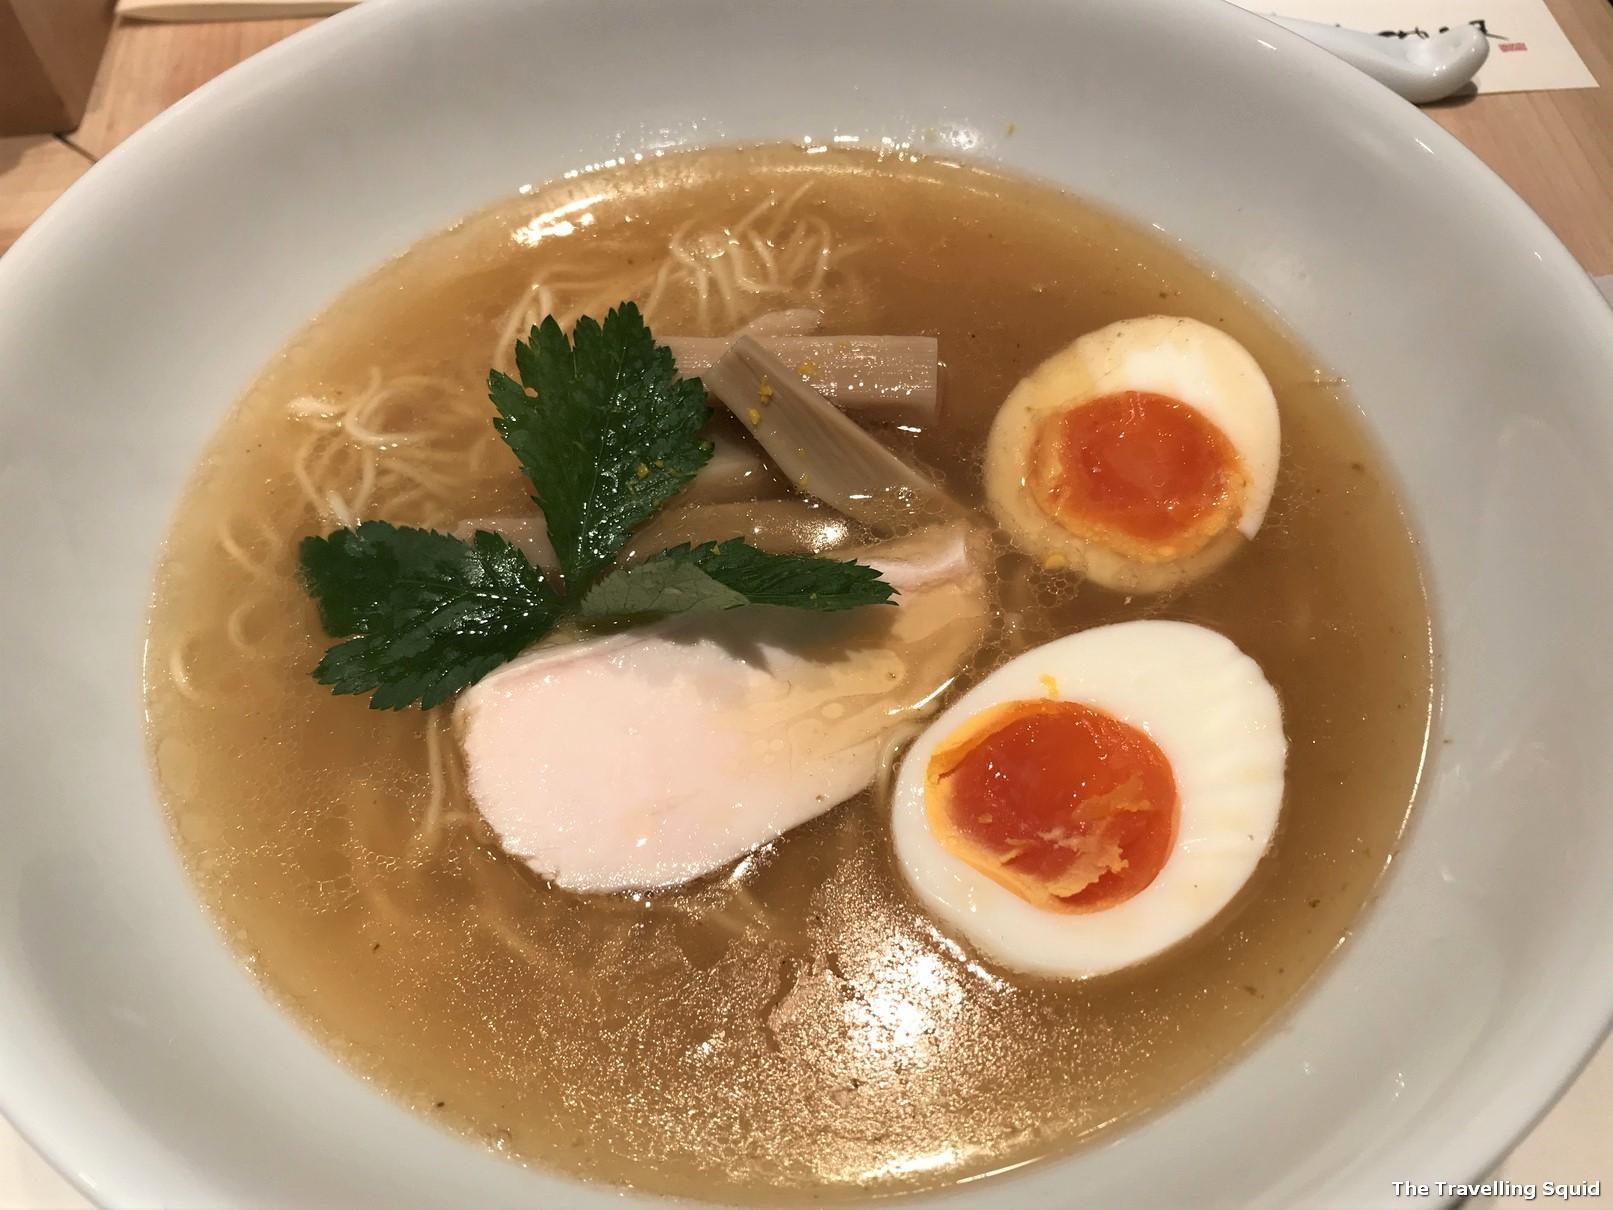 Review of seafood ramen at Menya Maishi in Ginza Tokyo